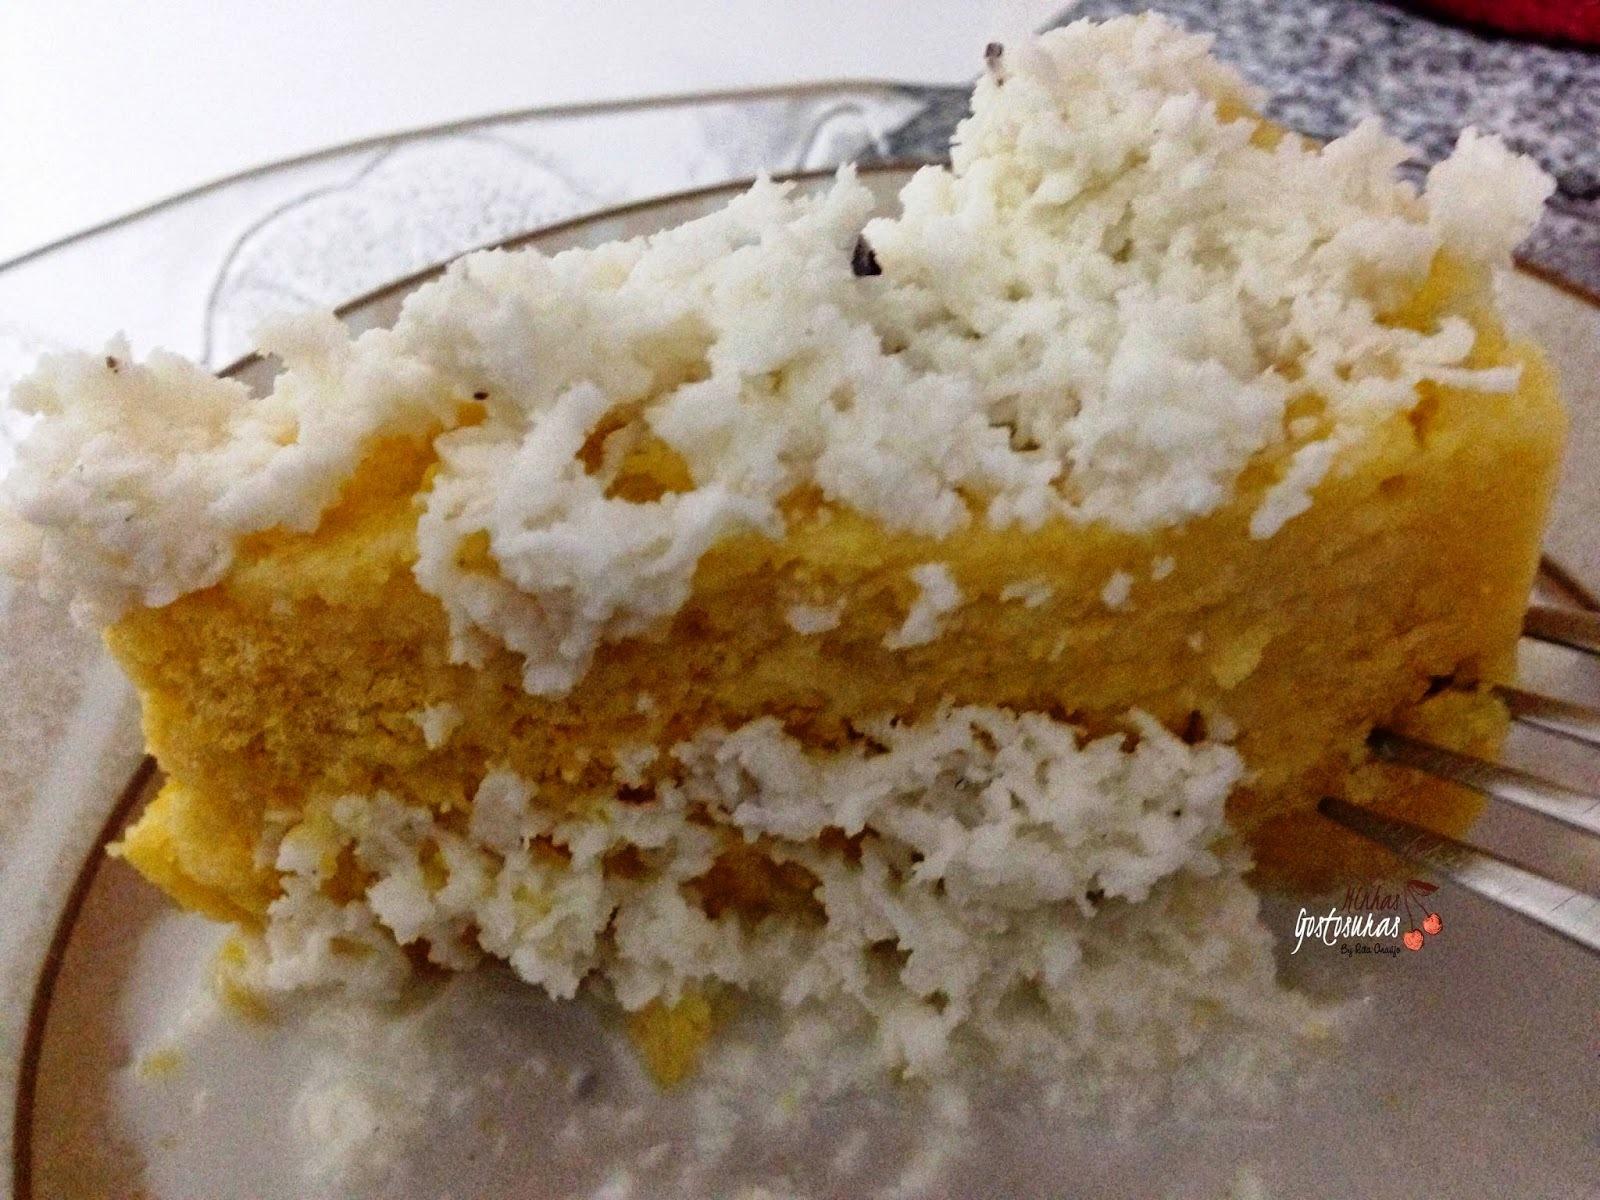 Cuscuz doce de milho com coco